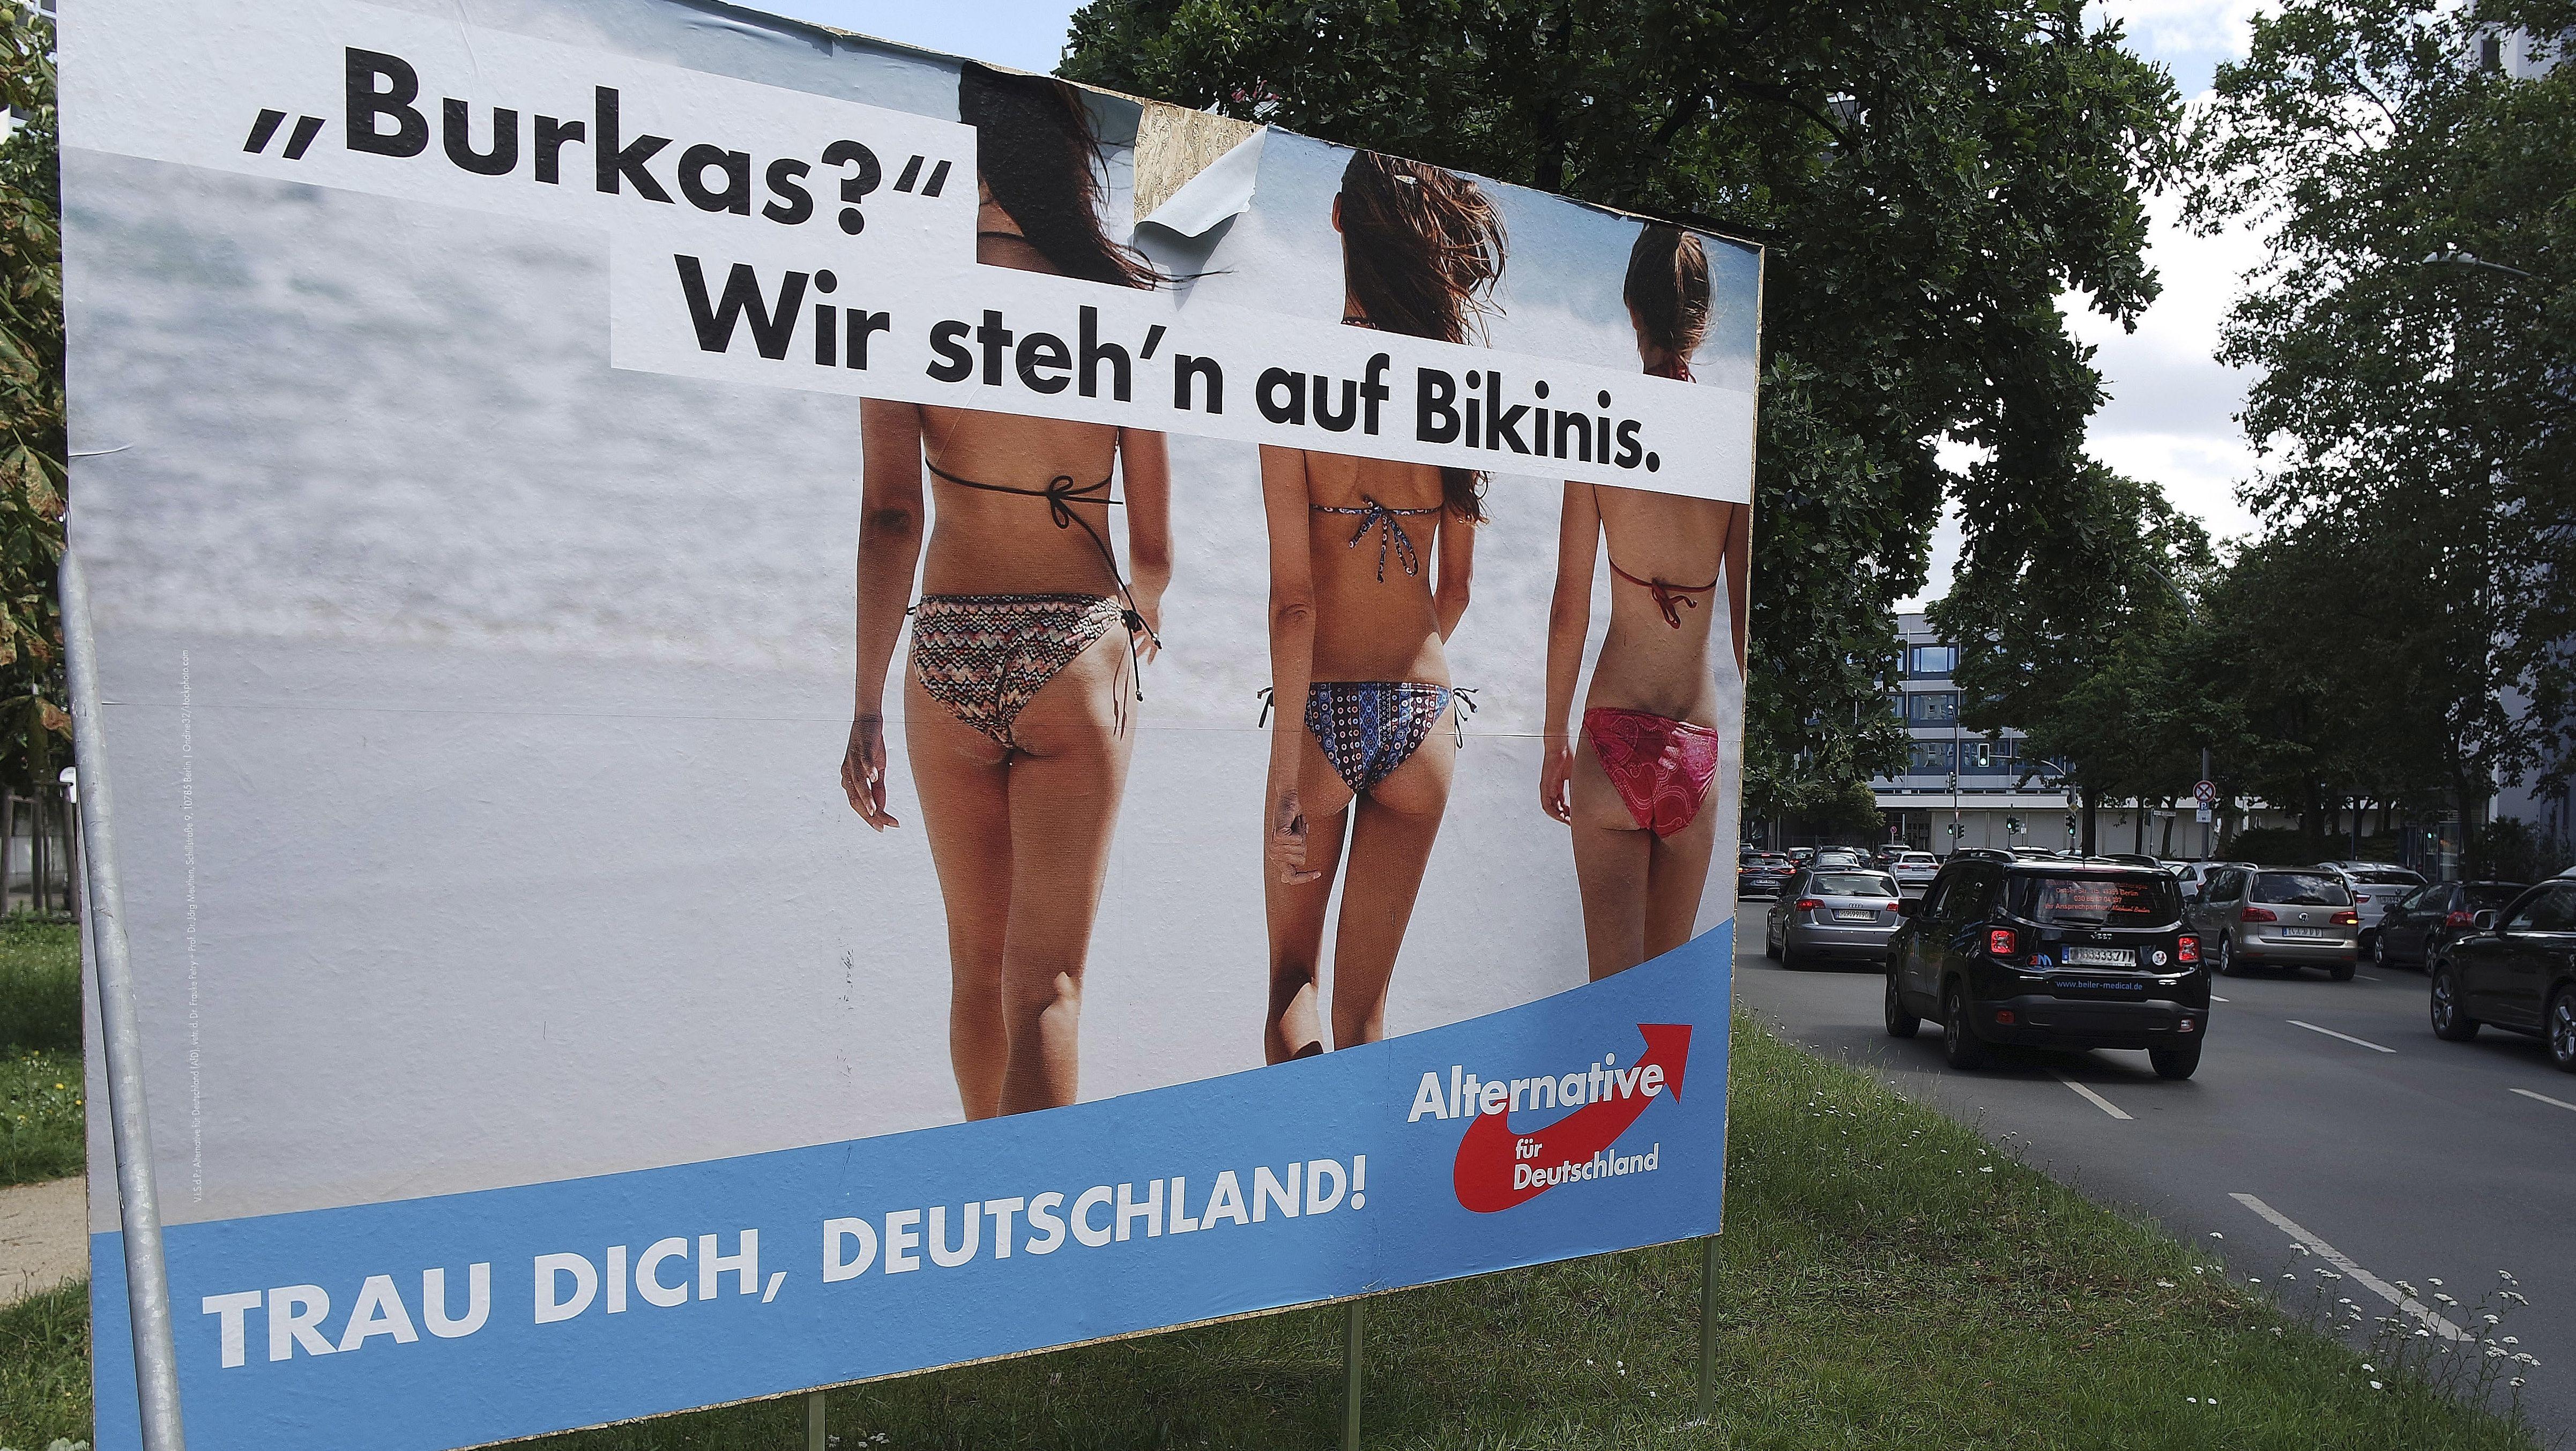 """Feindbild Muslime: Wahlplakat der AfD an der Lietzenburger Strasse in Berlin zur Bundestagswahl 2017. Zu sehen sind drei Frauen im Bikini, die an einem Strand ins Meer laufen, dazu der Schriftzug """"Burkas? Wir steh'n auf Bikinis."""""""